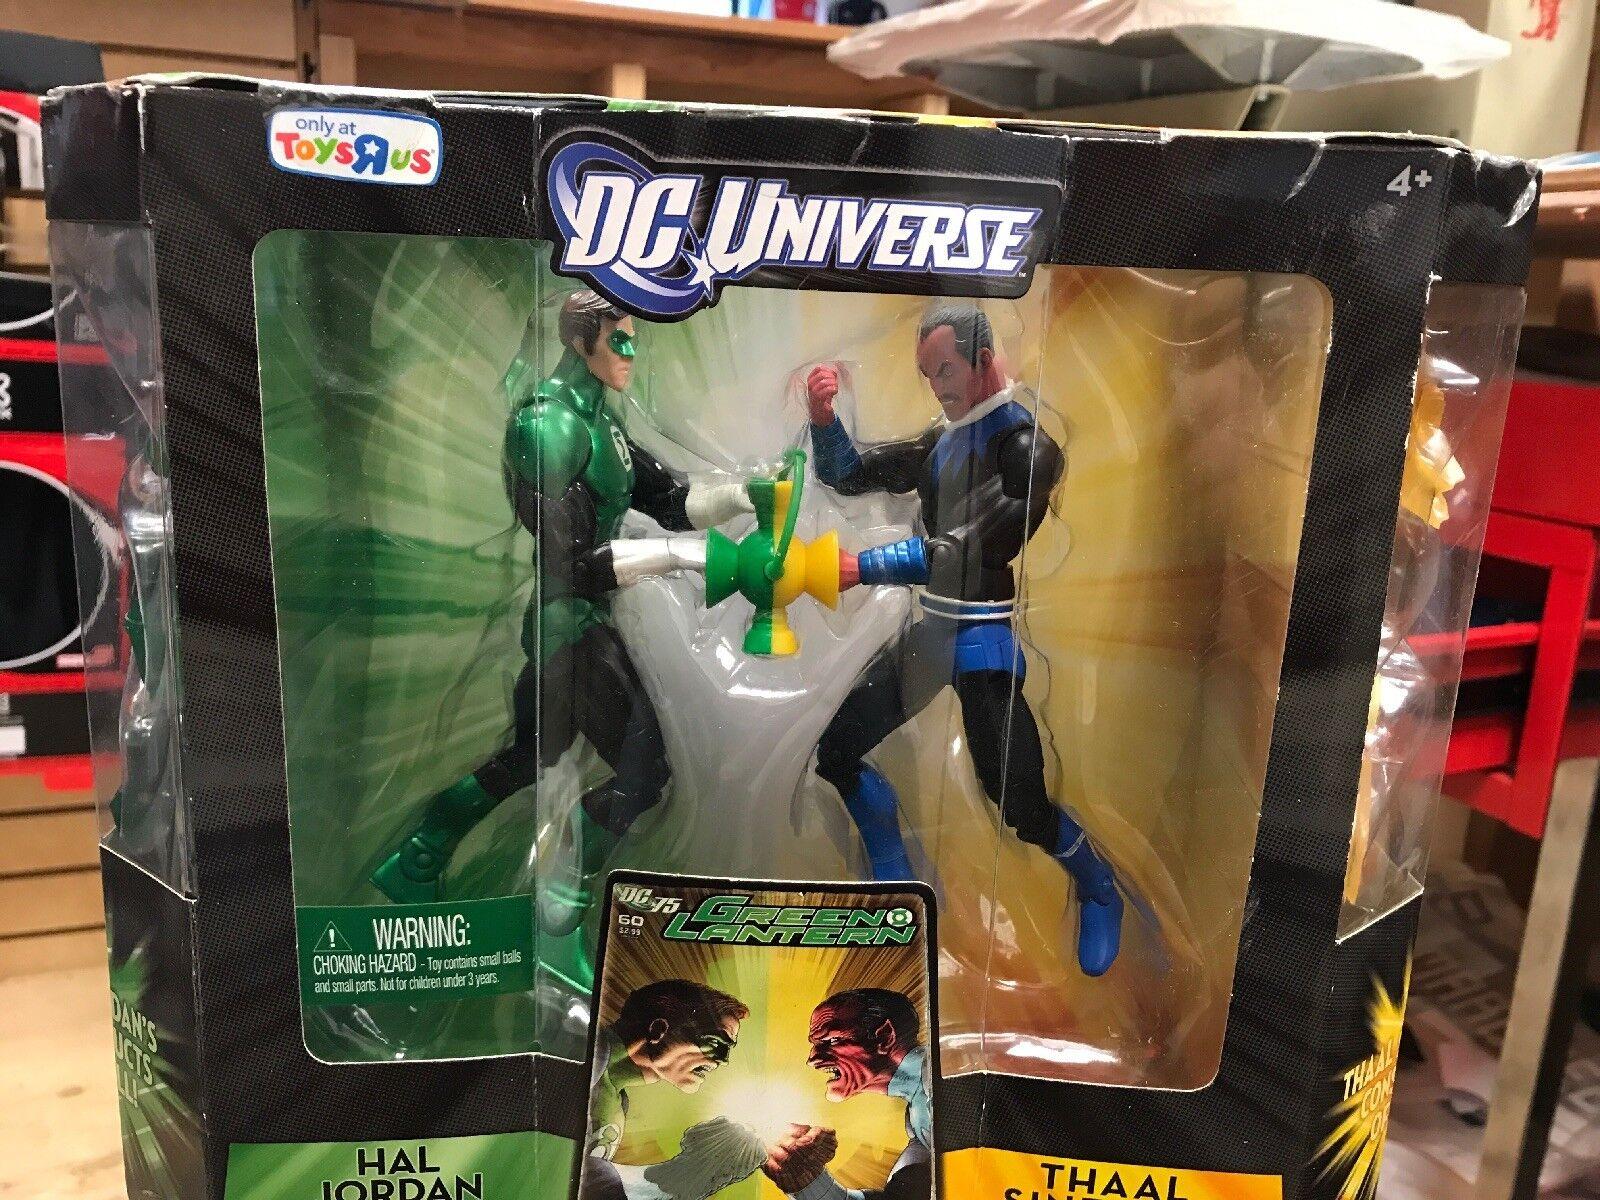 DC Universe Hal Jordan & Thaal Sinestro Tru Exclusive Action Figures